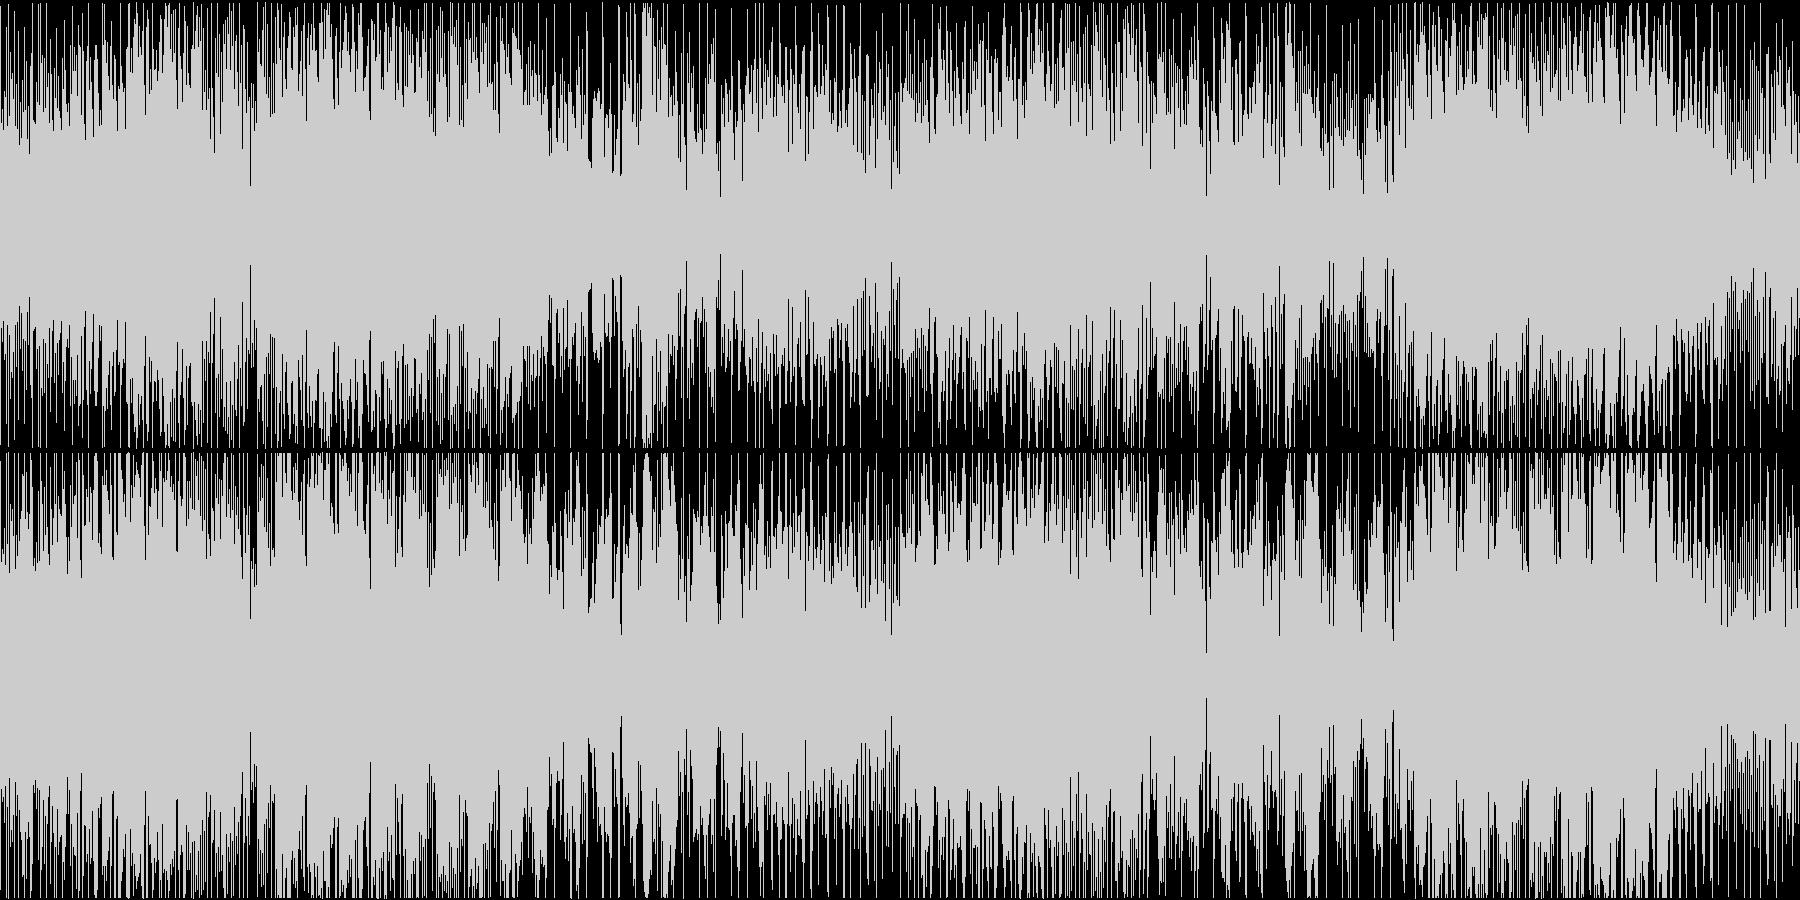 ミステリアスな雰囲気のゲームBGMループの未再生の波形